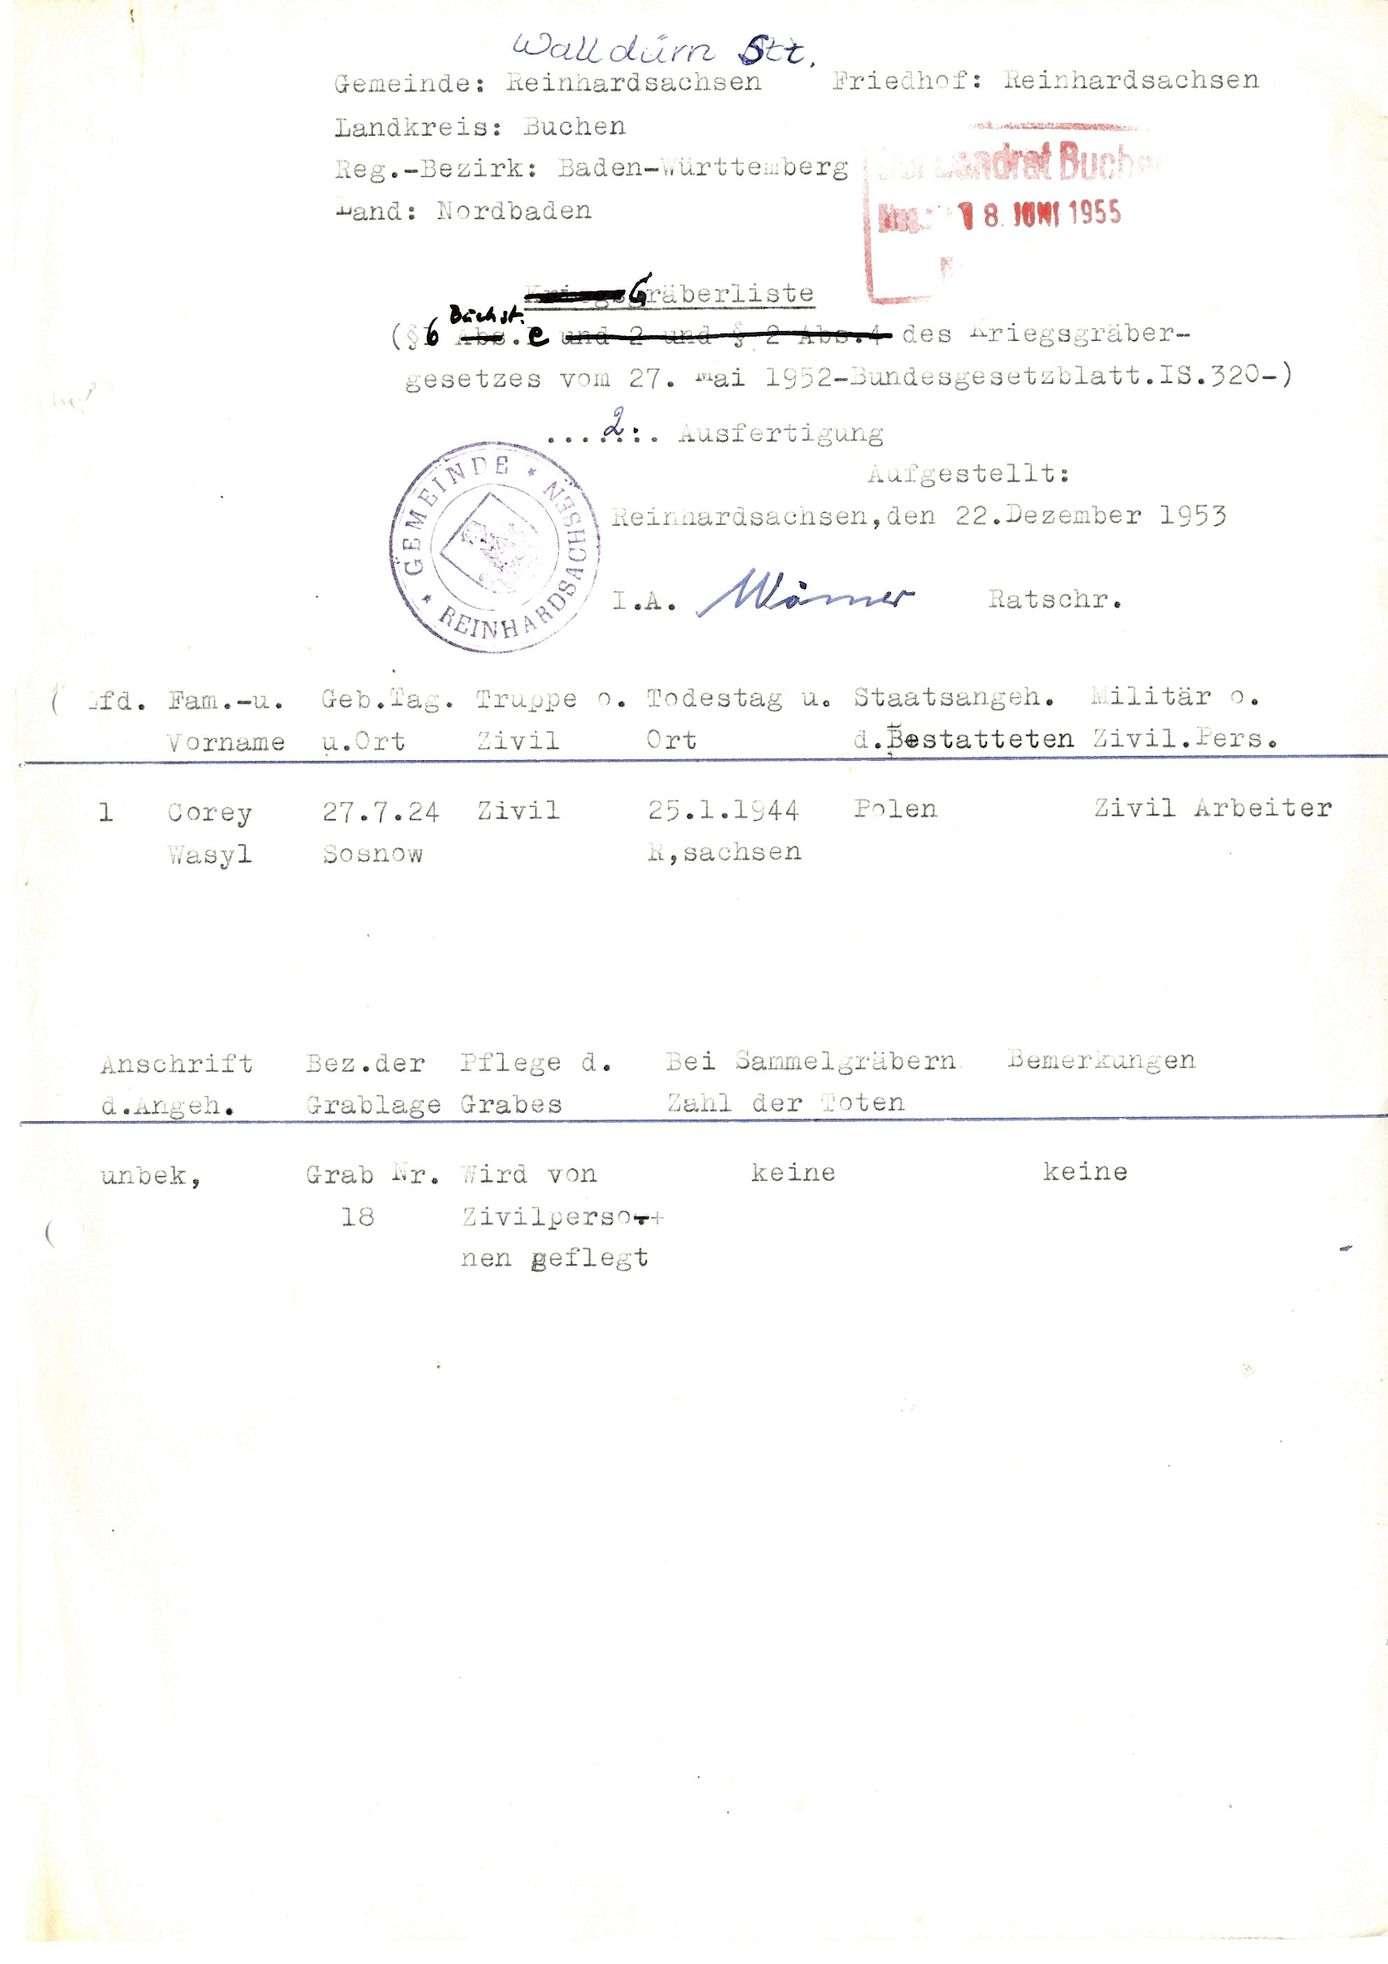 Reinhardsachsen, Bild 1